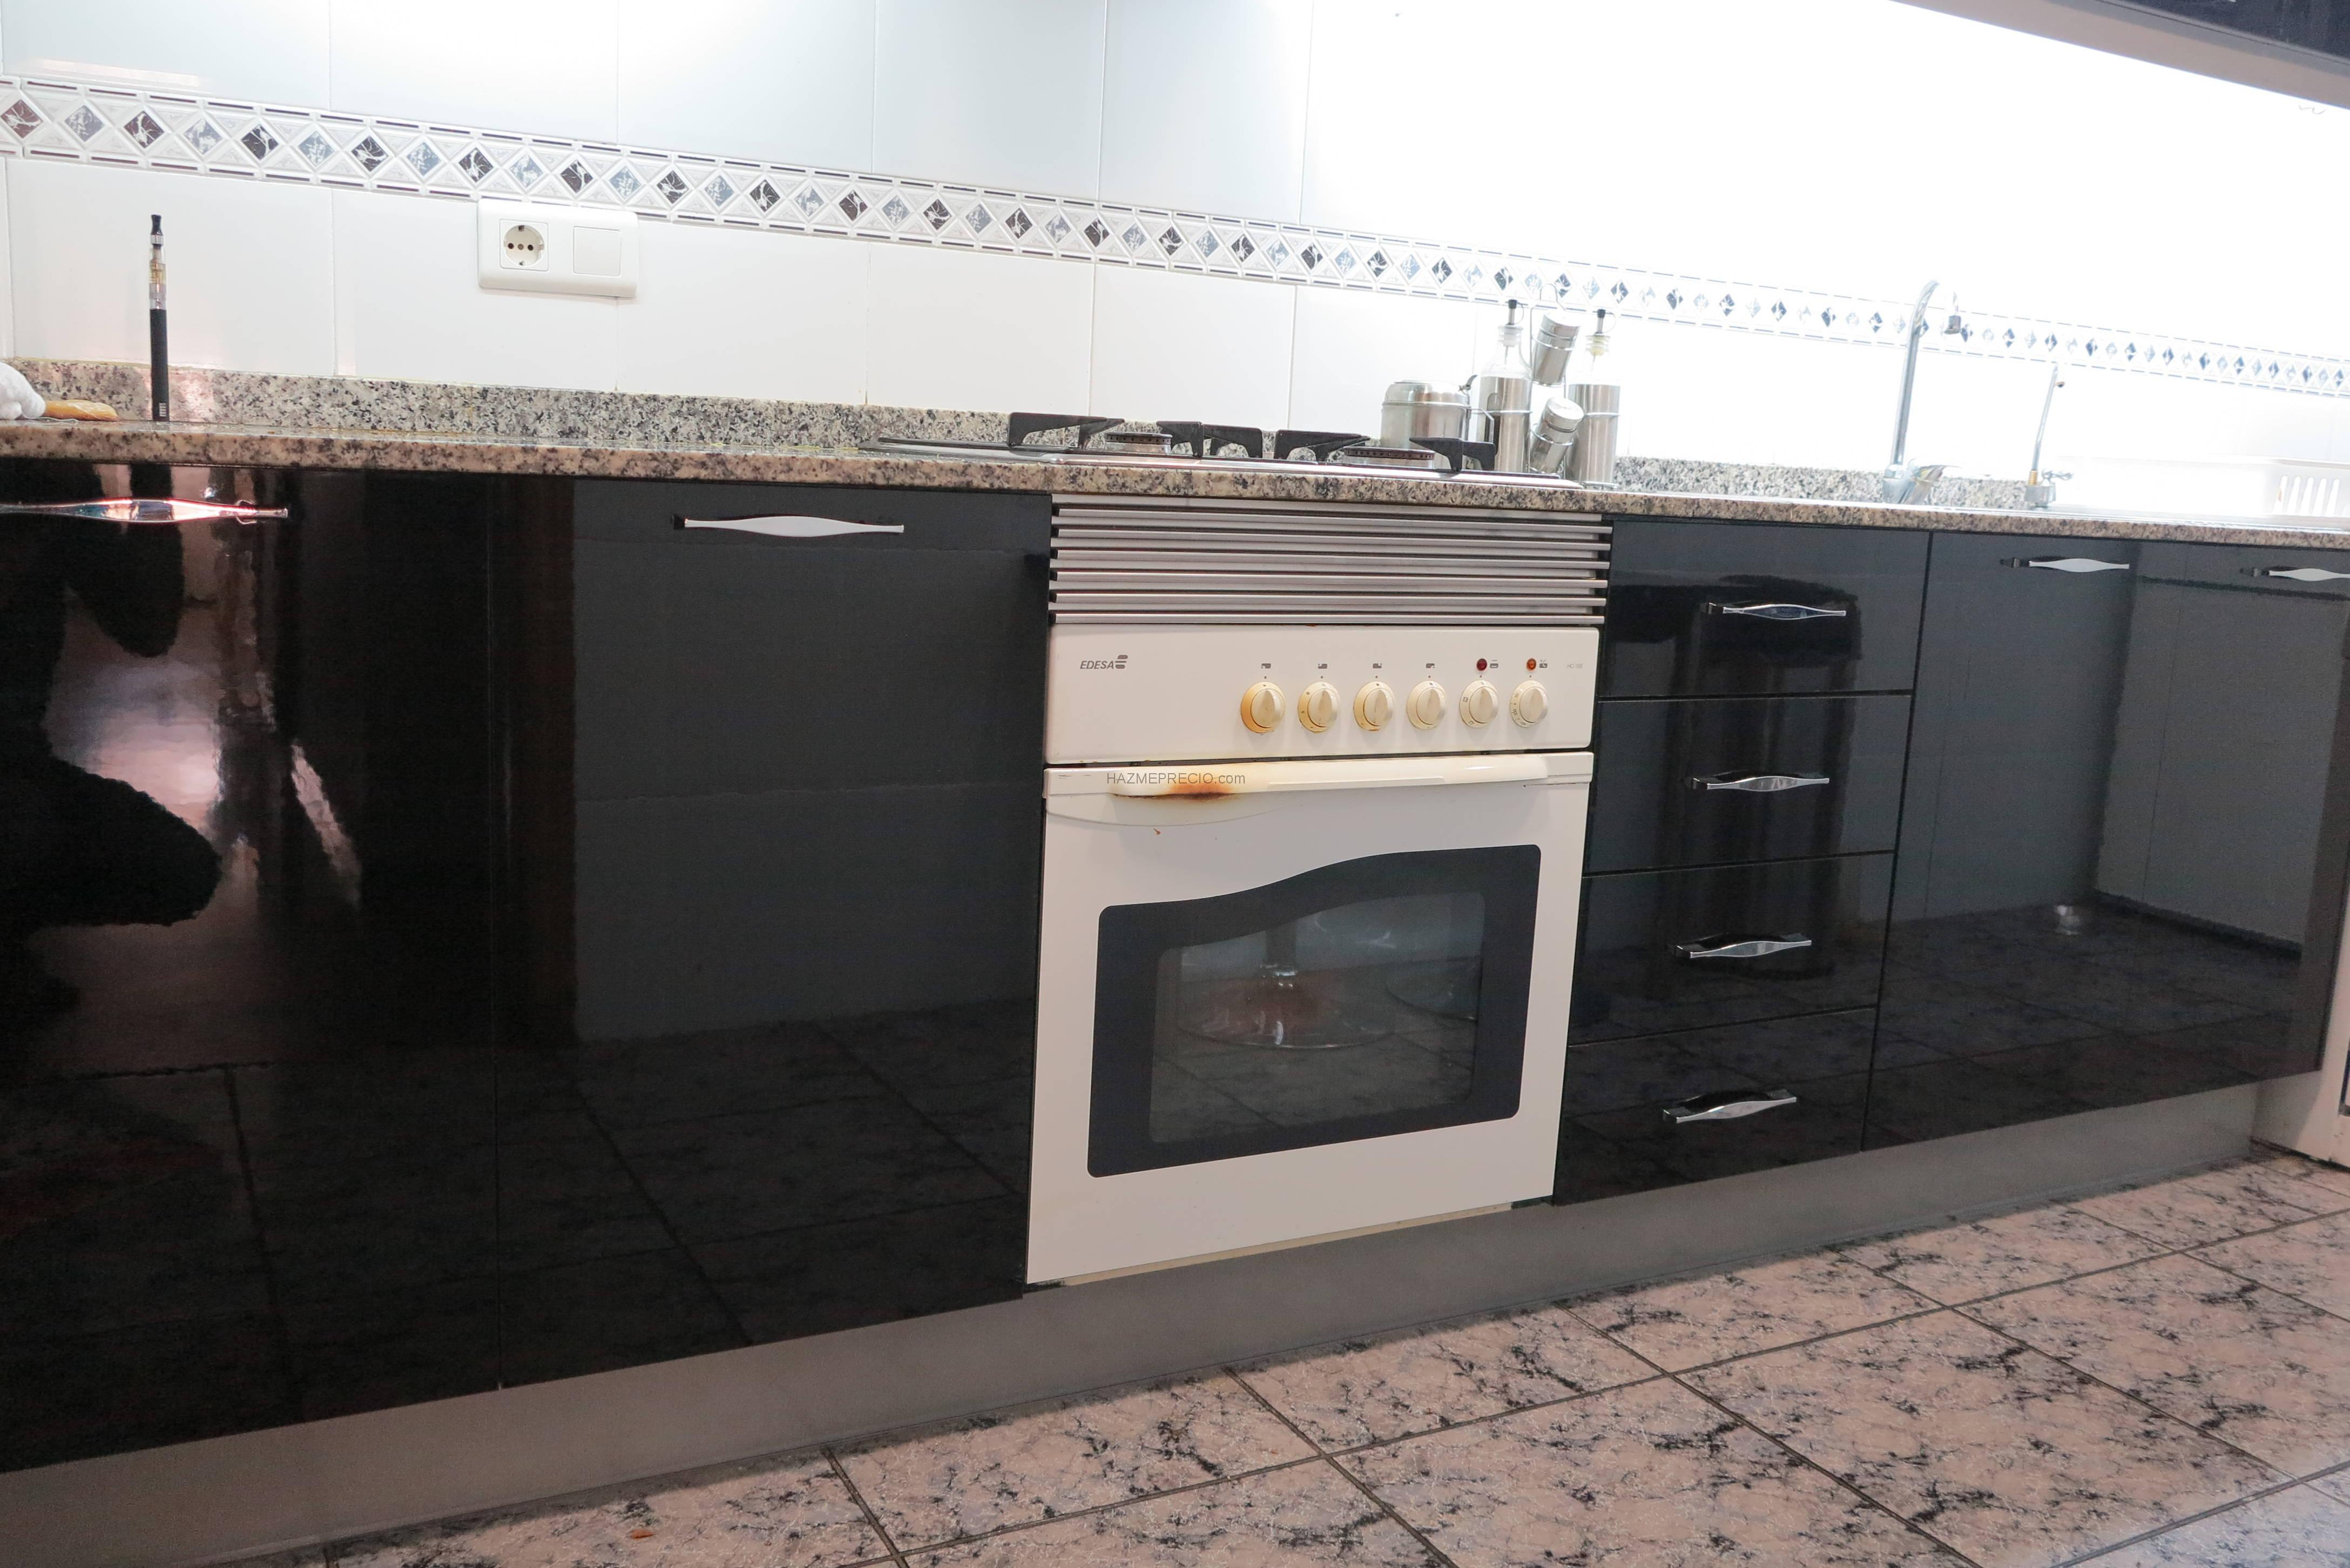 Cambiar puertas muebles de cocina quart de poblet - Cambiar puertas muebles cocina ...